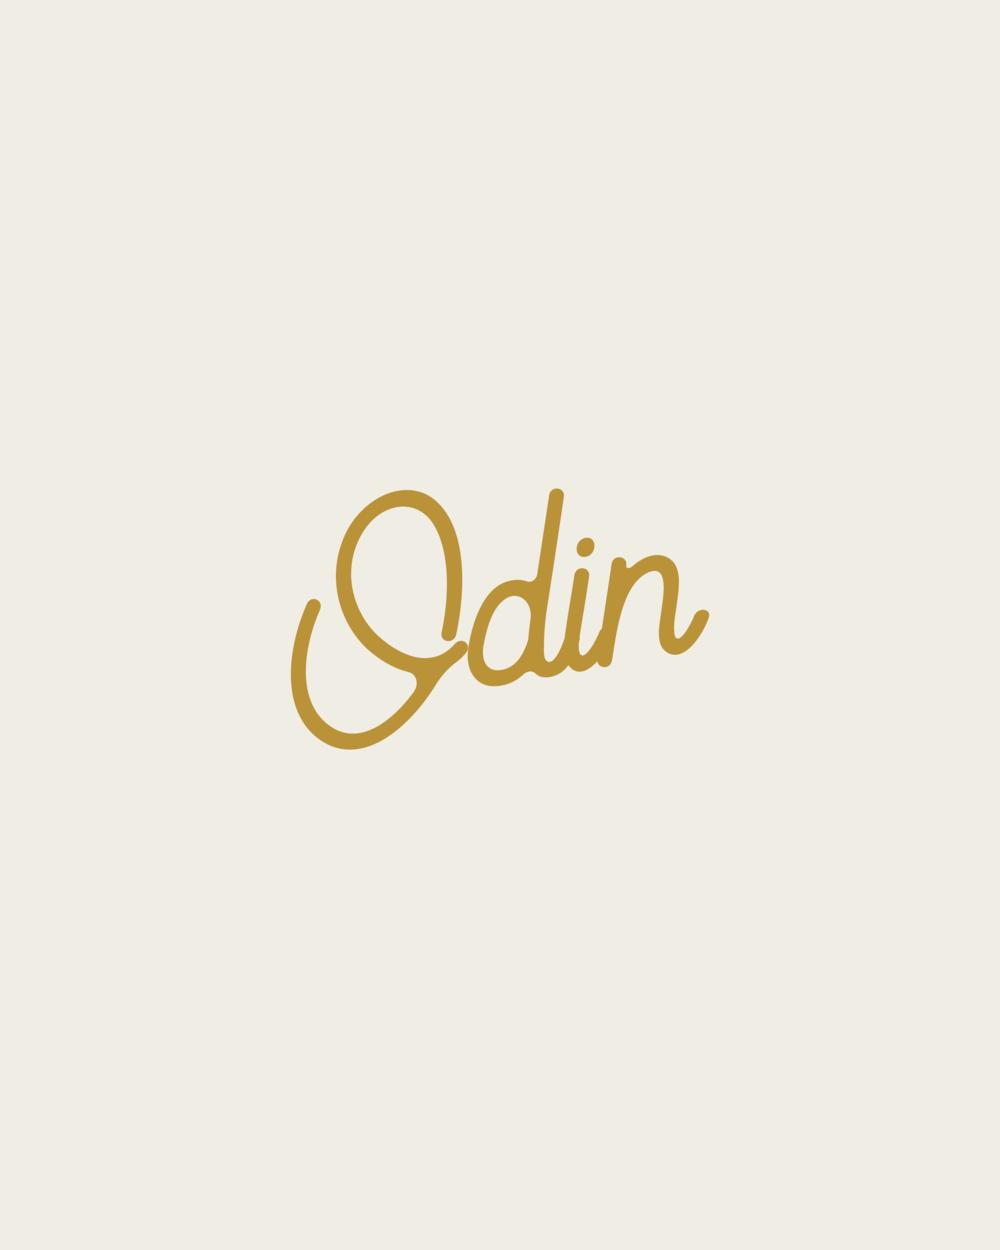 Odin Marketing House Branded Secondary Typeface